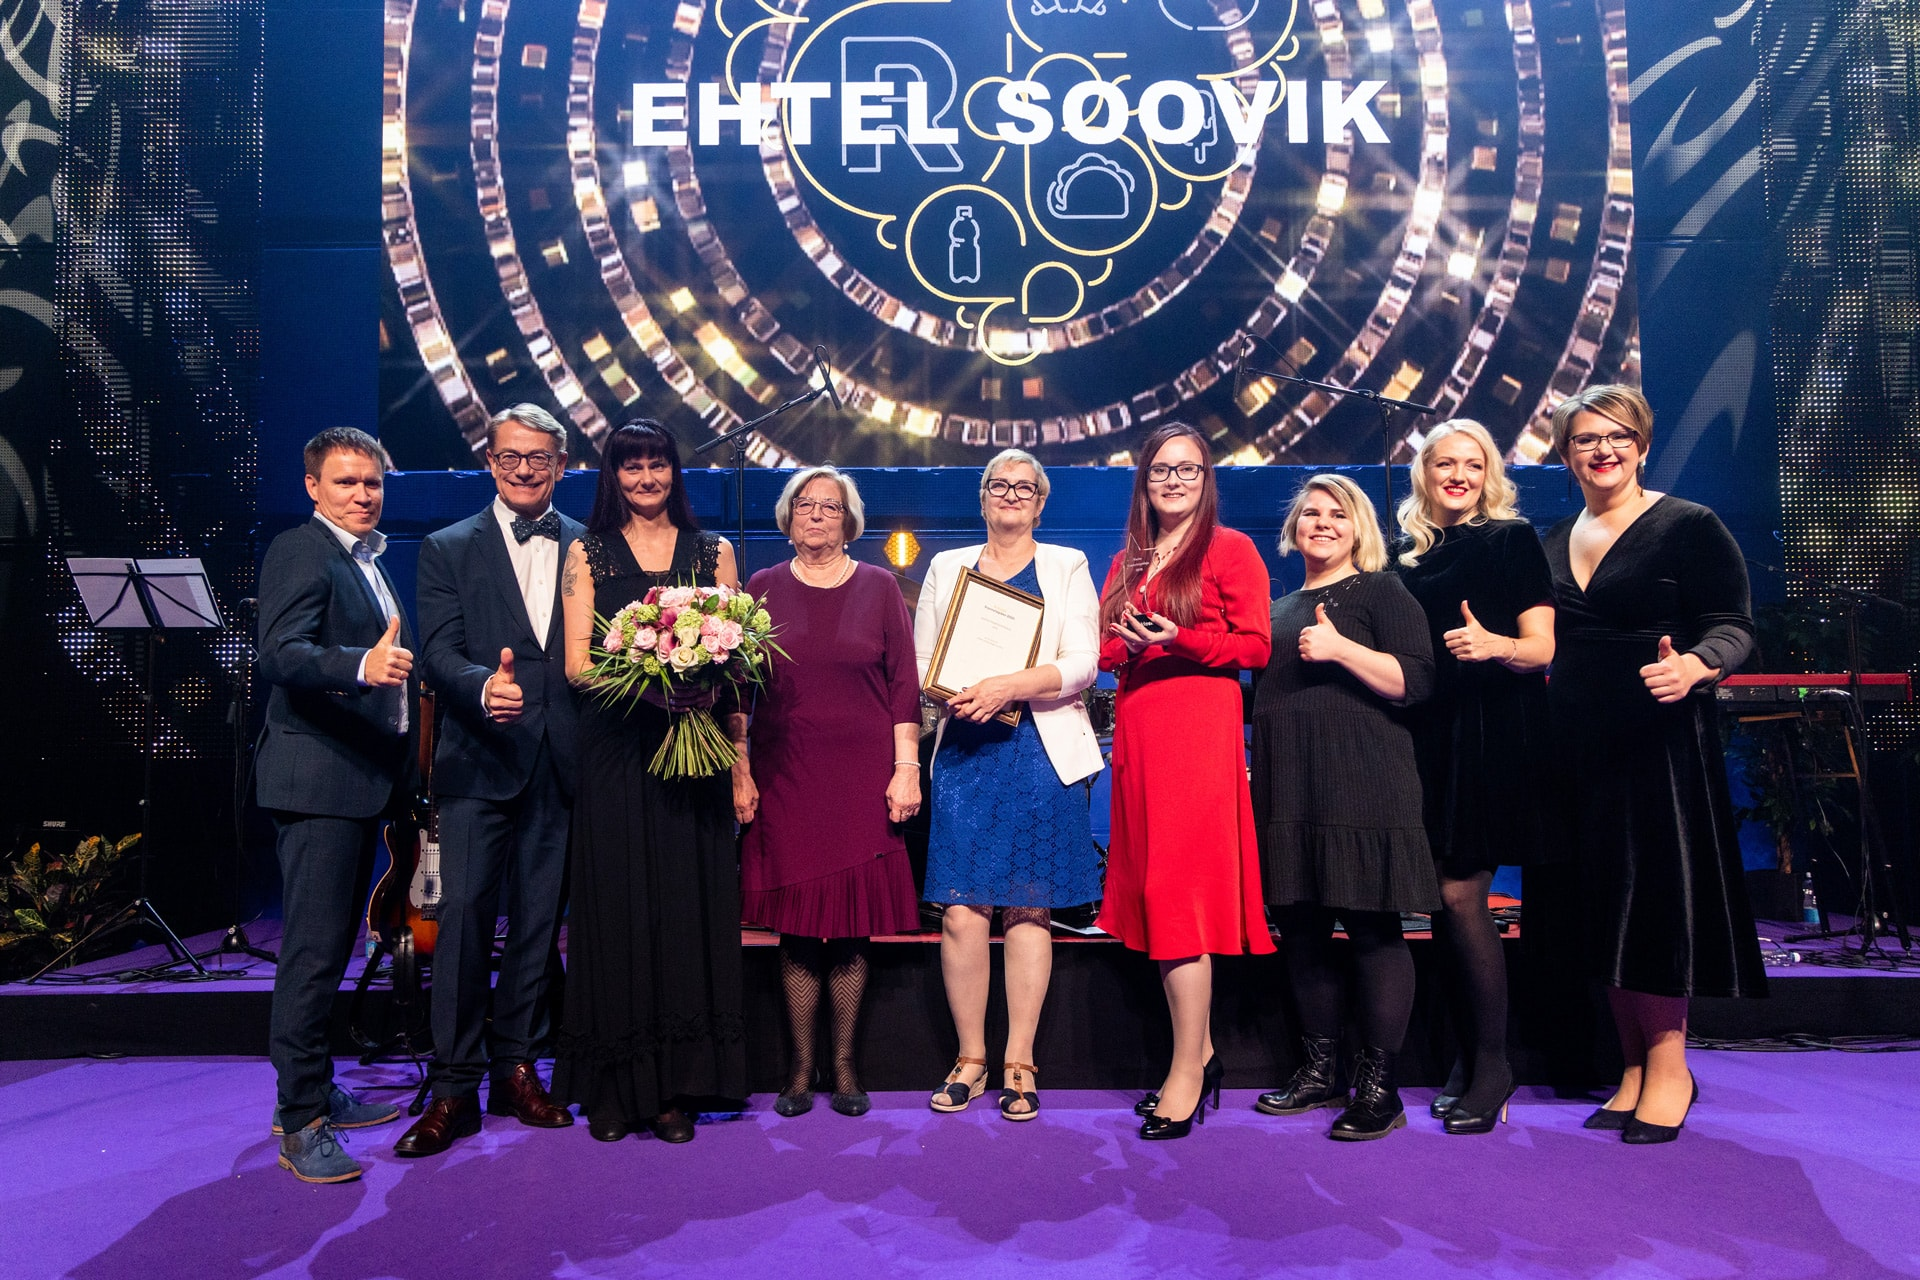 R-Kioski aasta frantsiisipidaja on Ehtel Soovik Pärnust